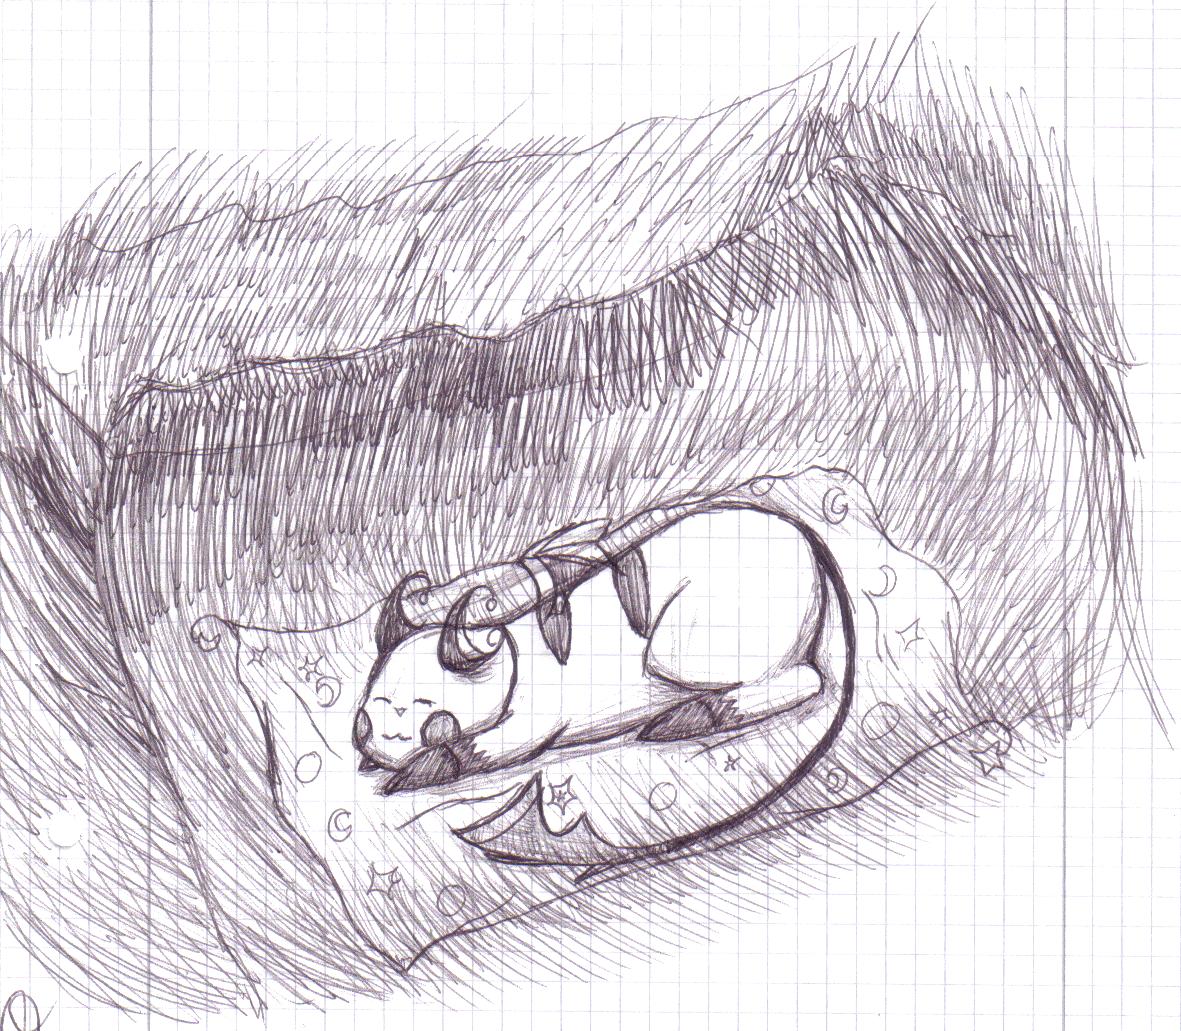 Sleepchu